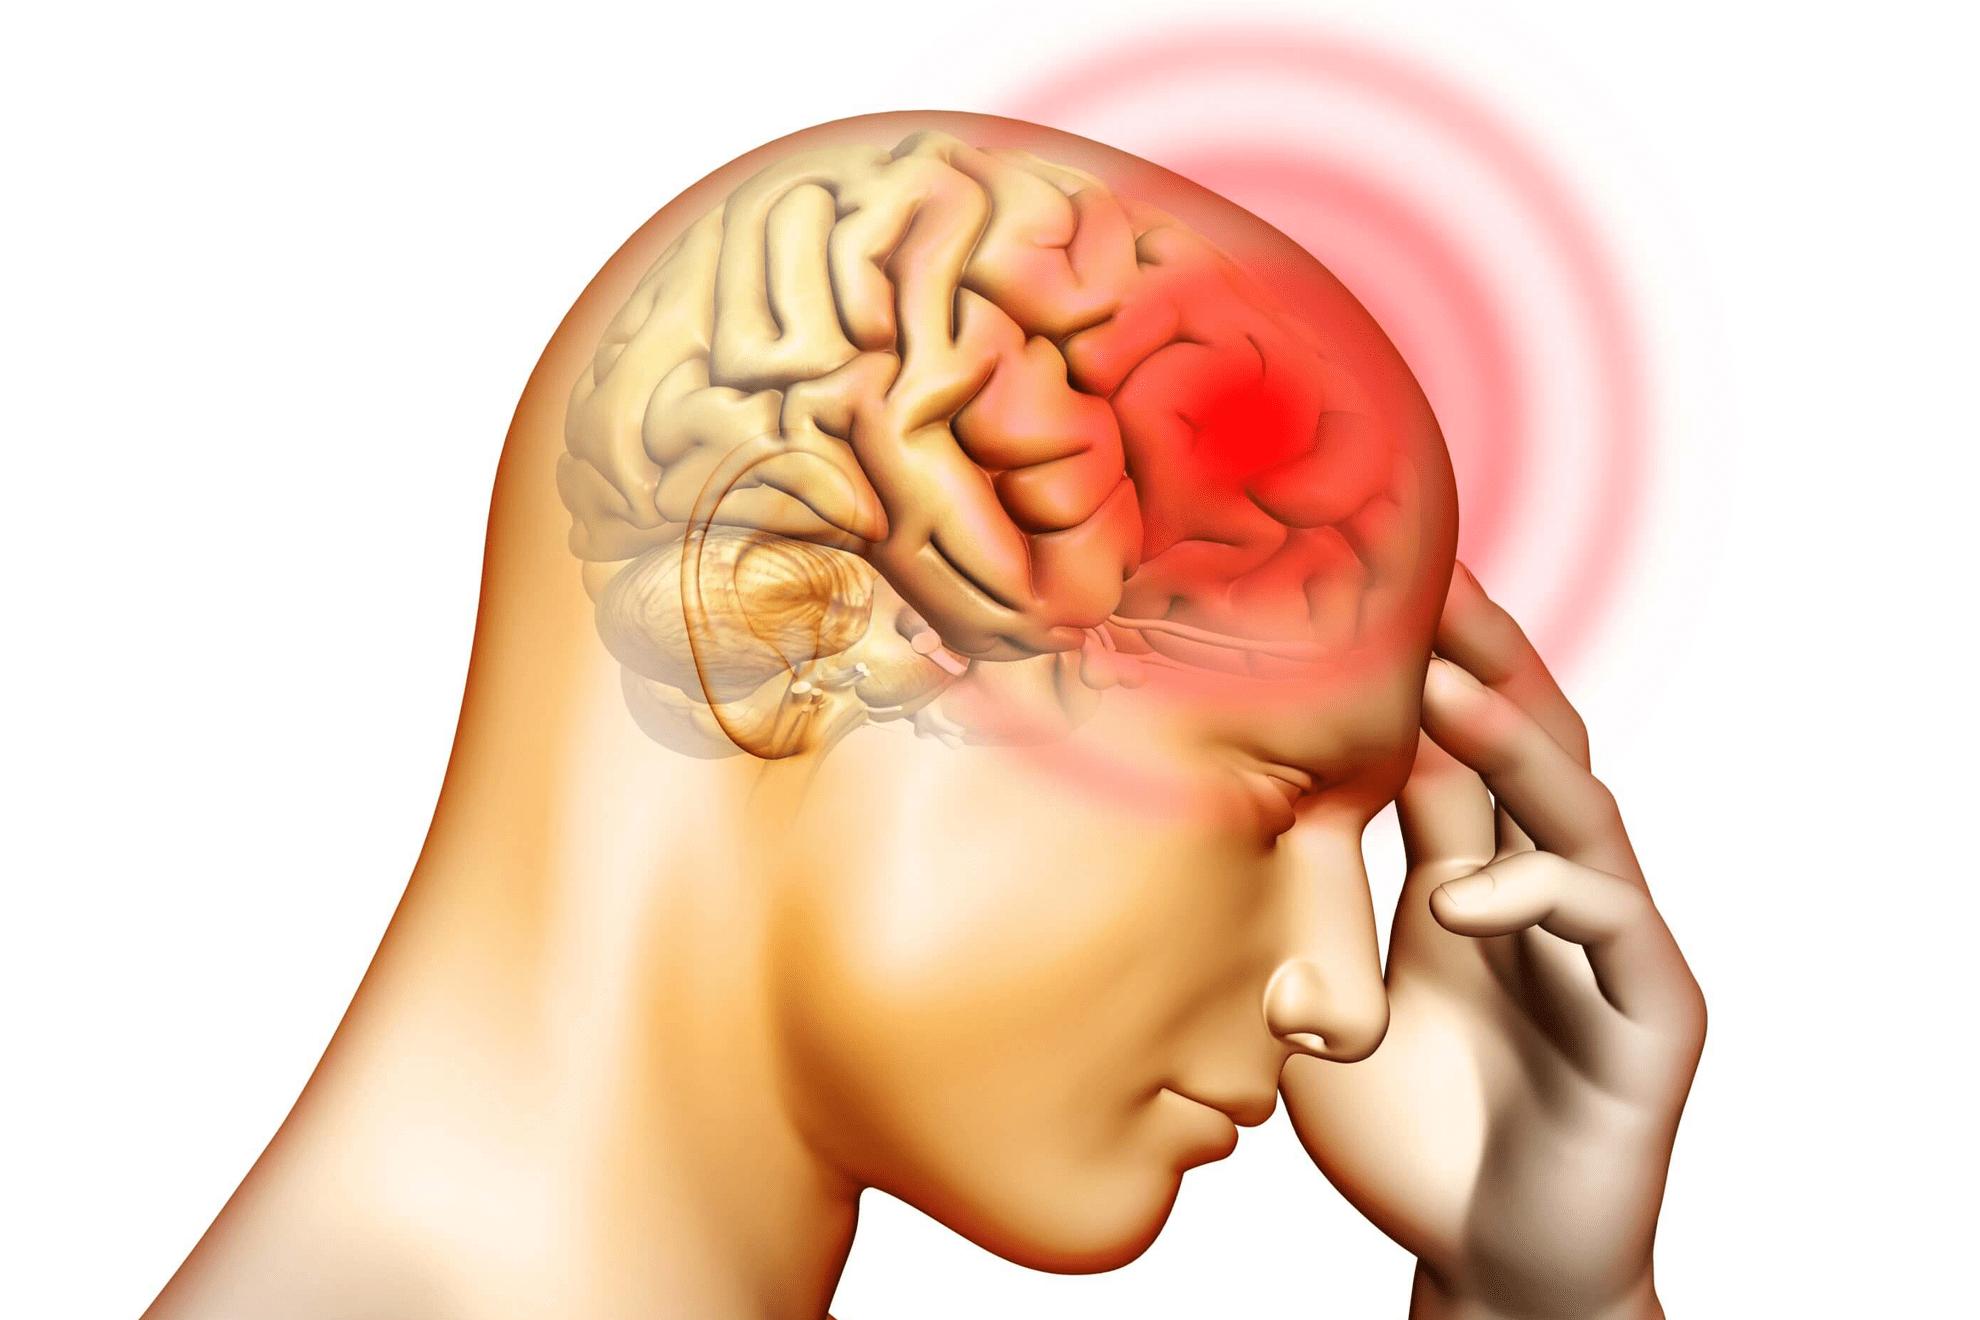 Ilustración que muestra el dolor generado por meningitis